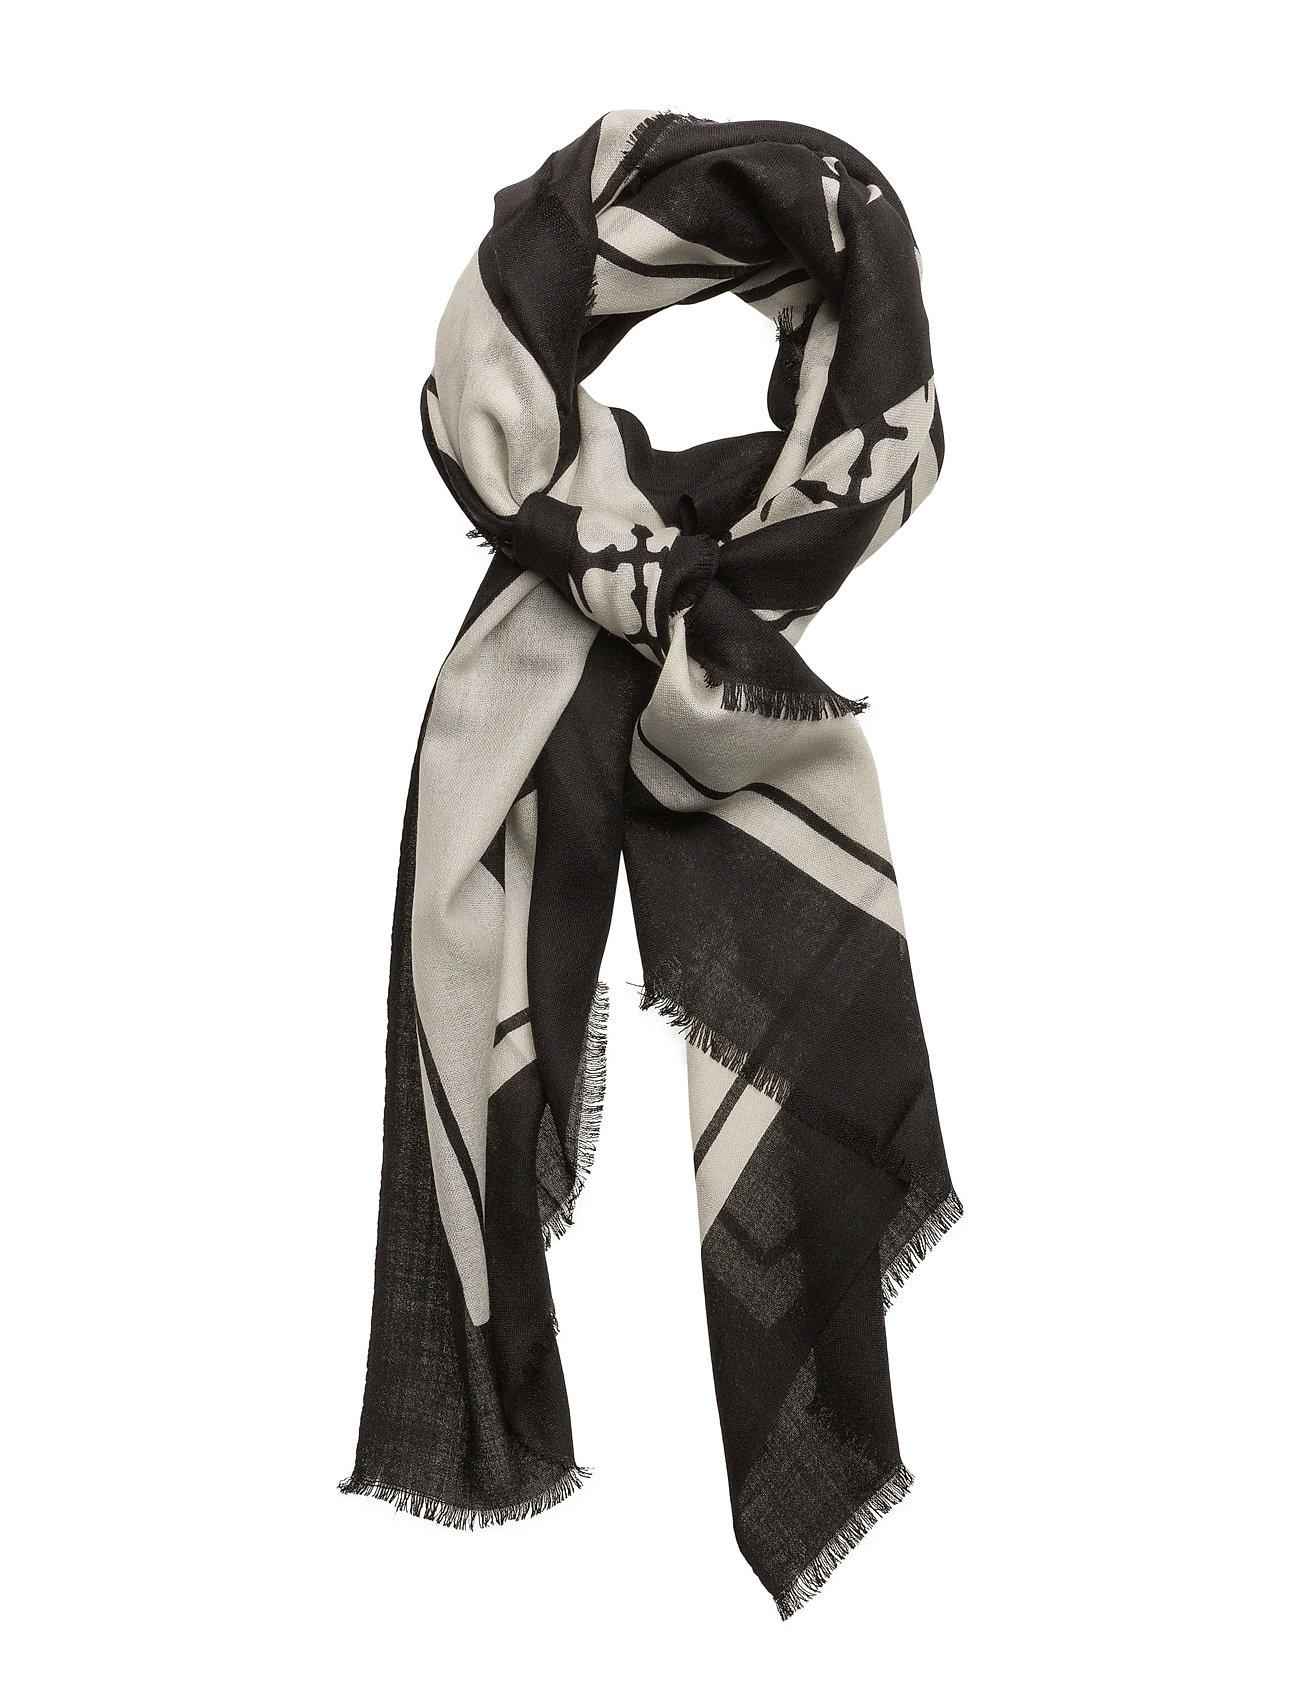 Shop Flovana By Malene Birger Accessories i til Kvinder i en online fashion  store 6eec969012dc6